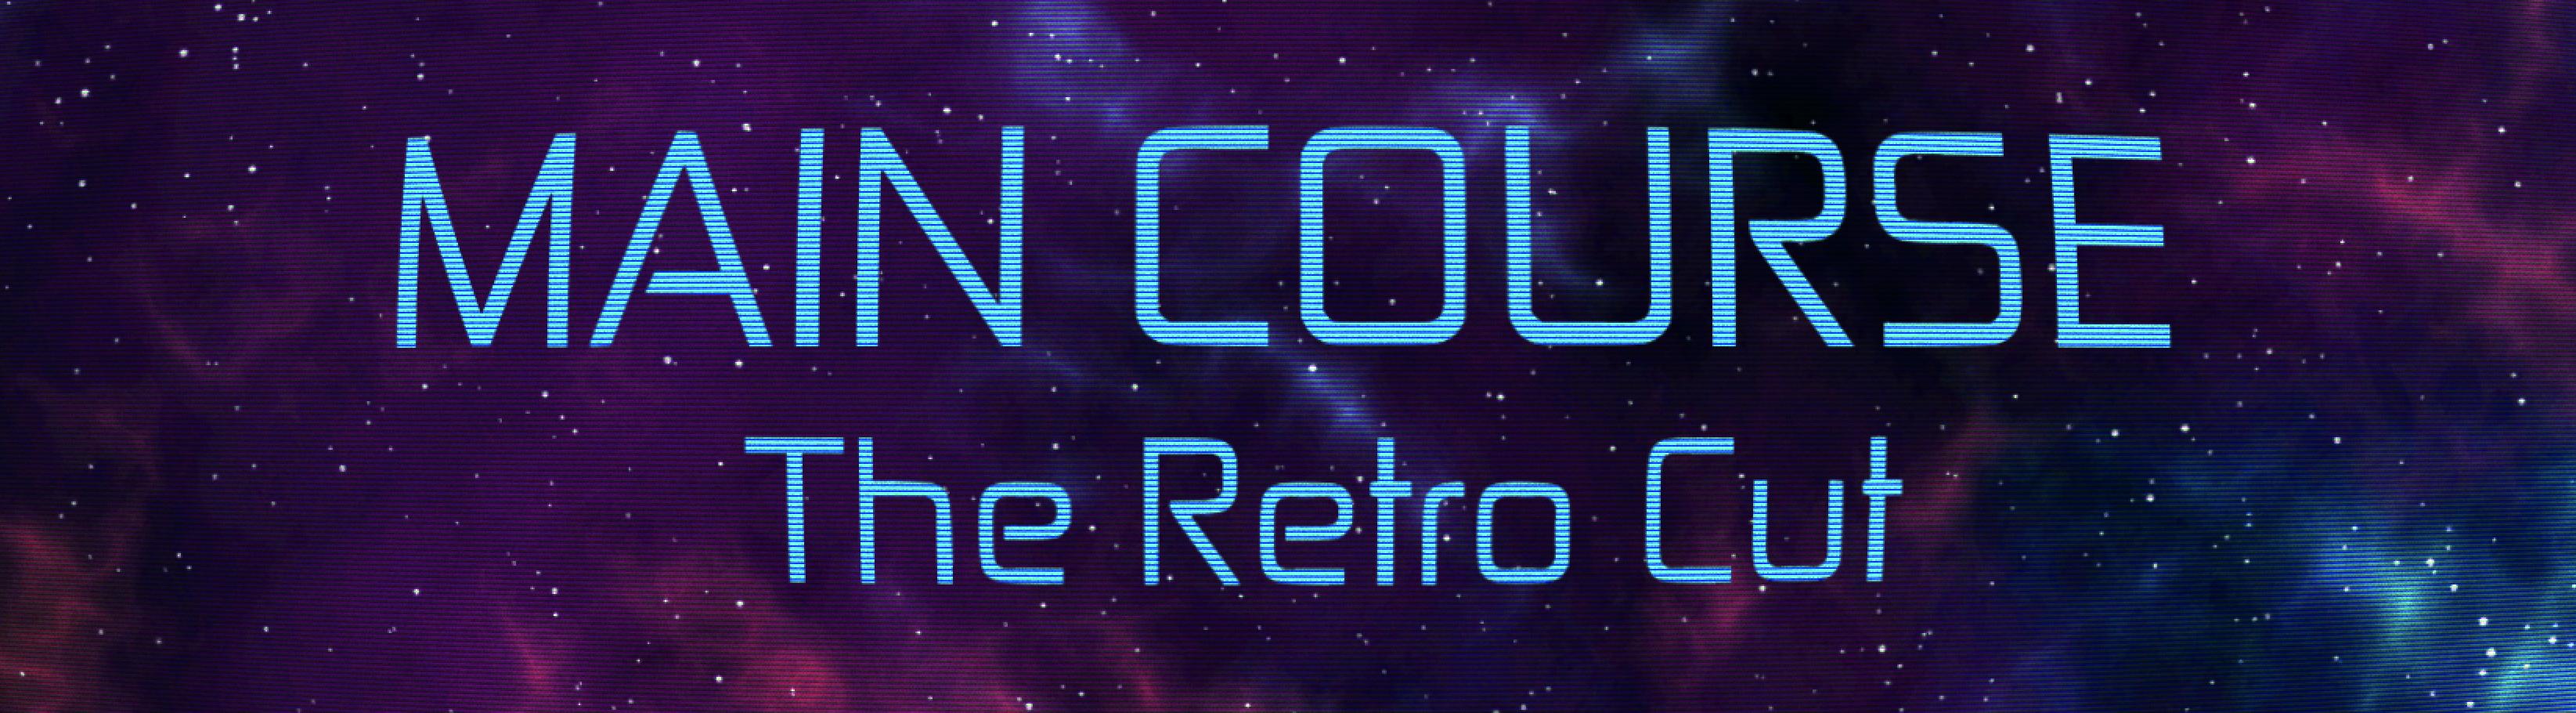 Main Course - The Retro Cut